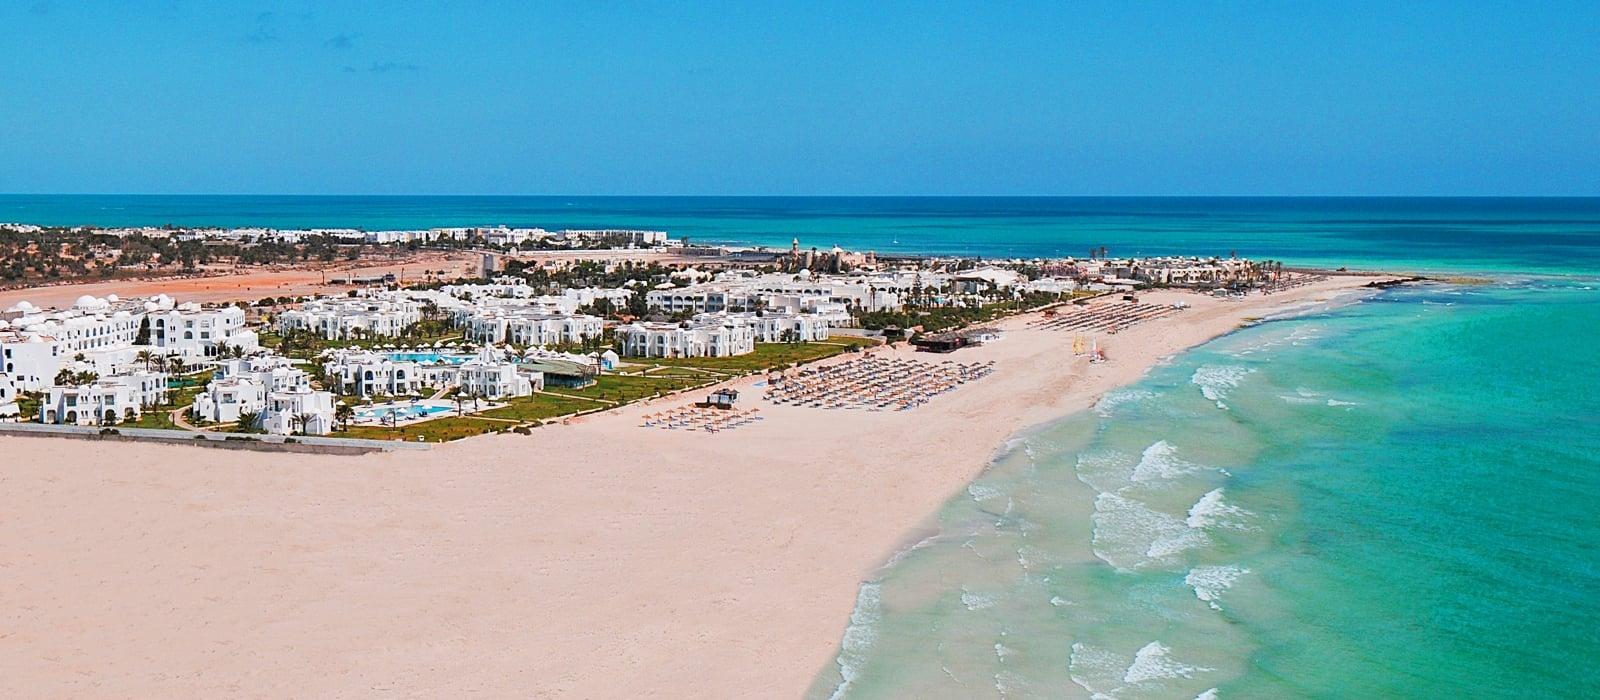 Djerba - Vincci Hoteles